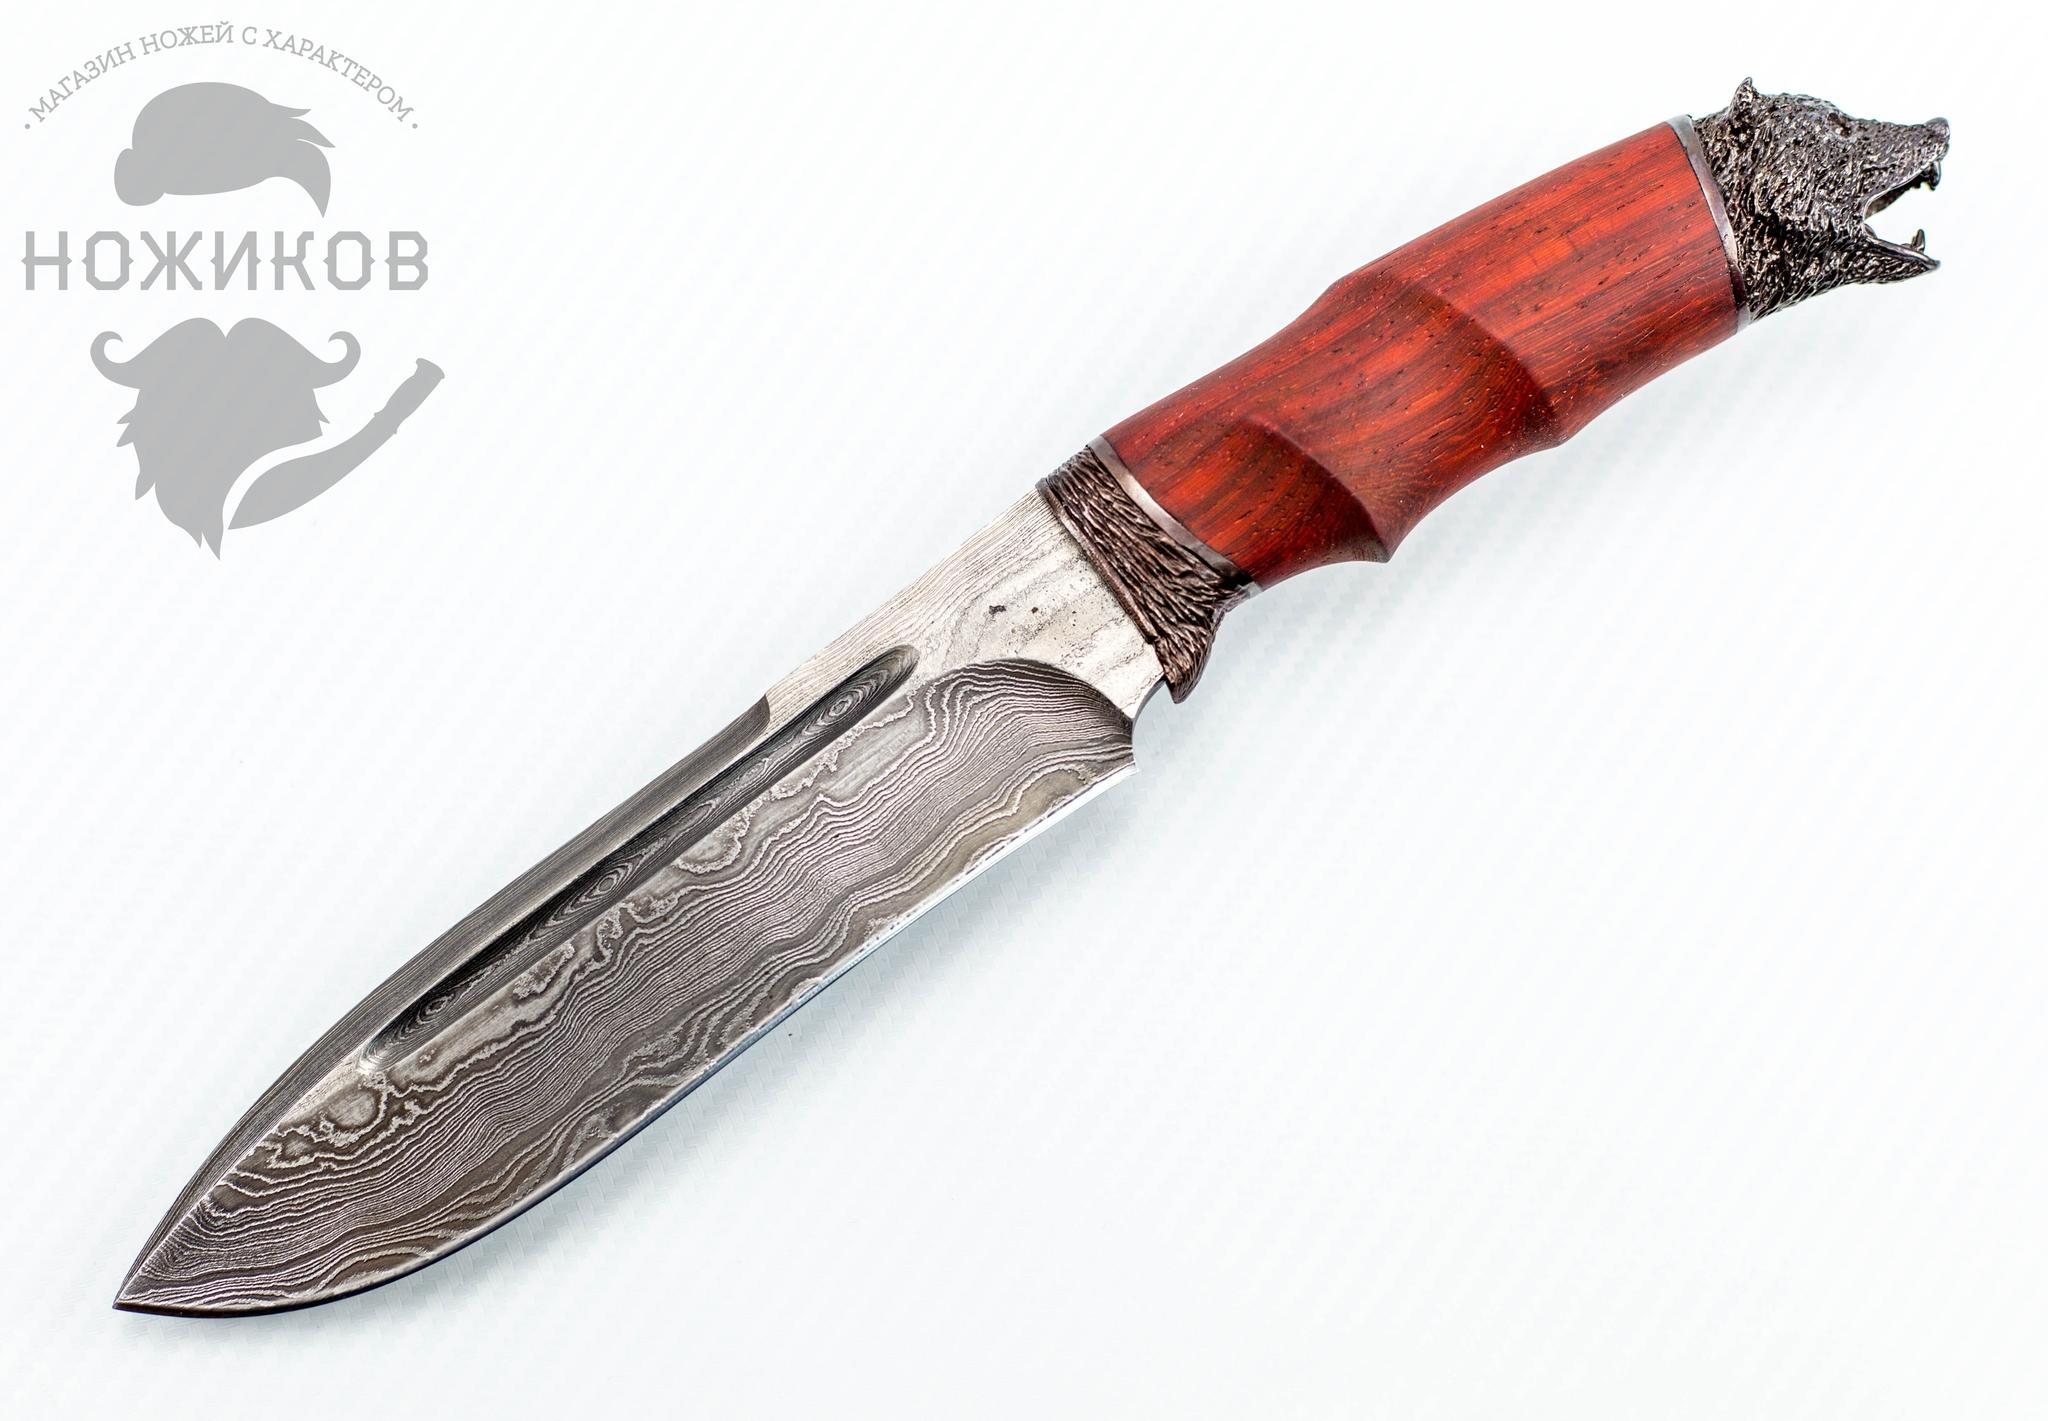 Авторский Нож из Дамаска №70, Кизляр авторский нож из дамаска 79 кизляр